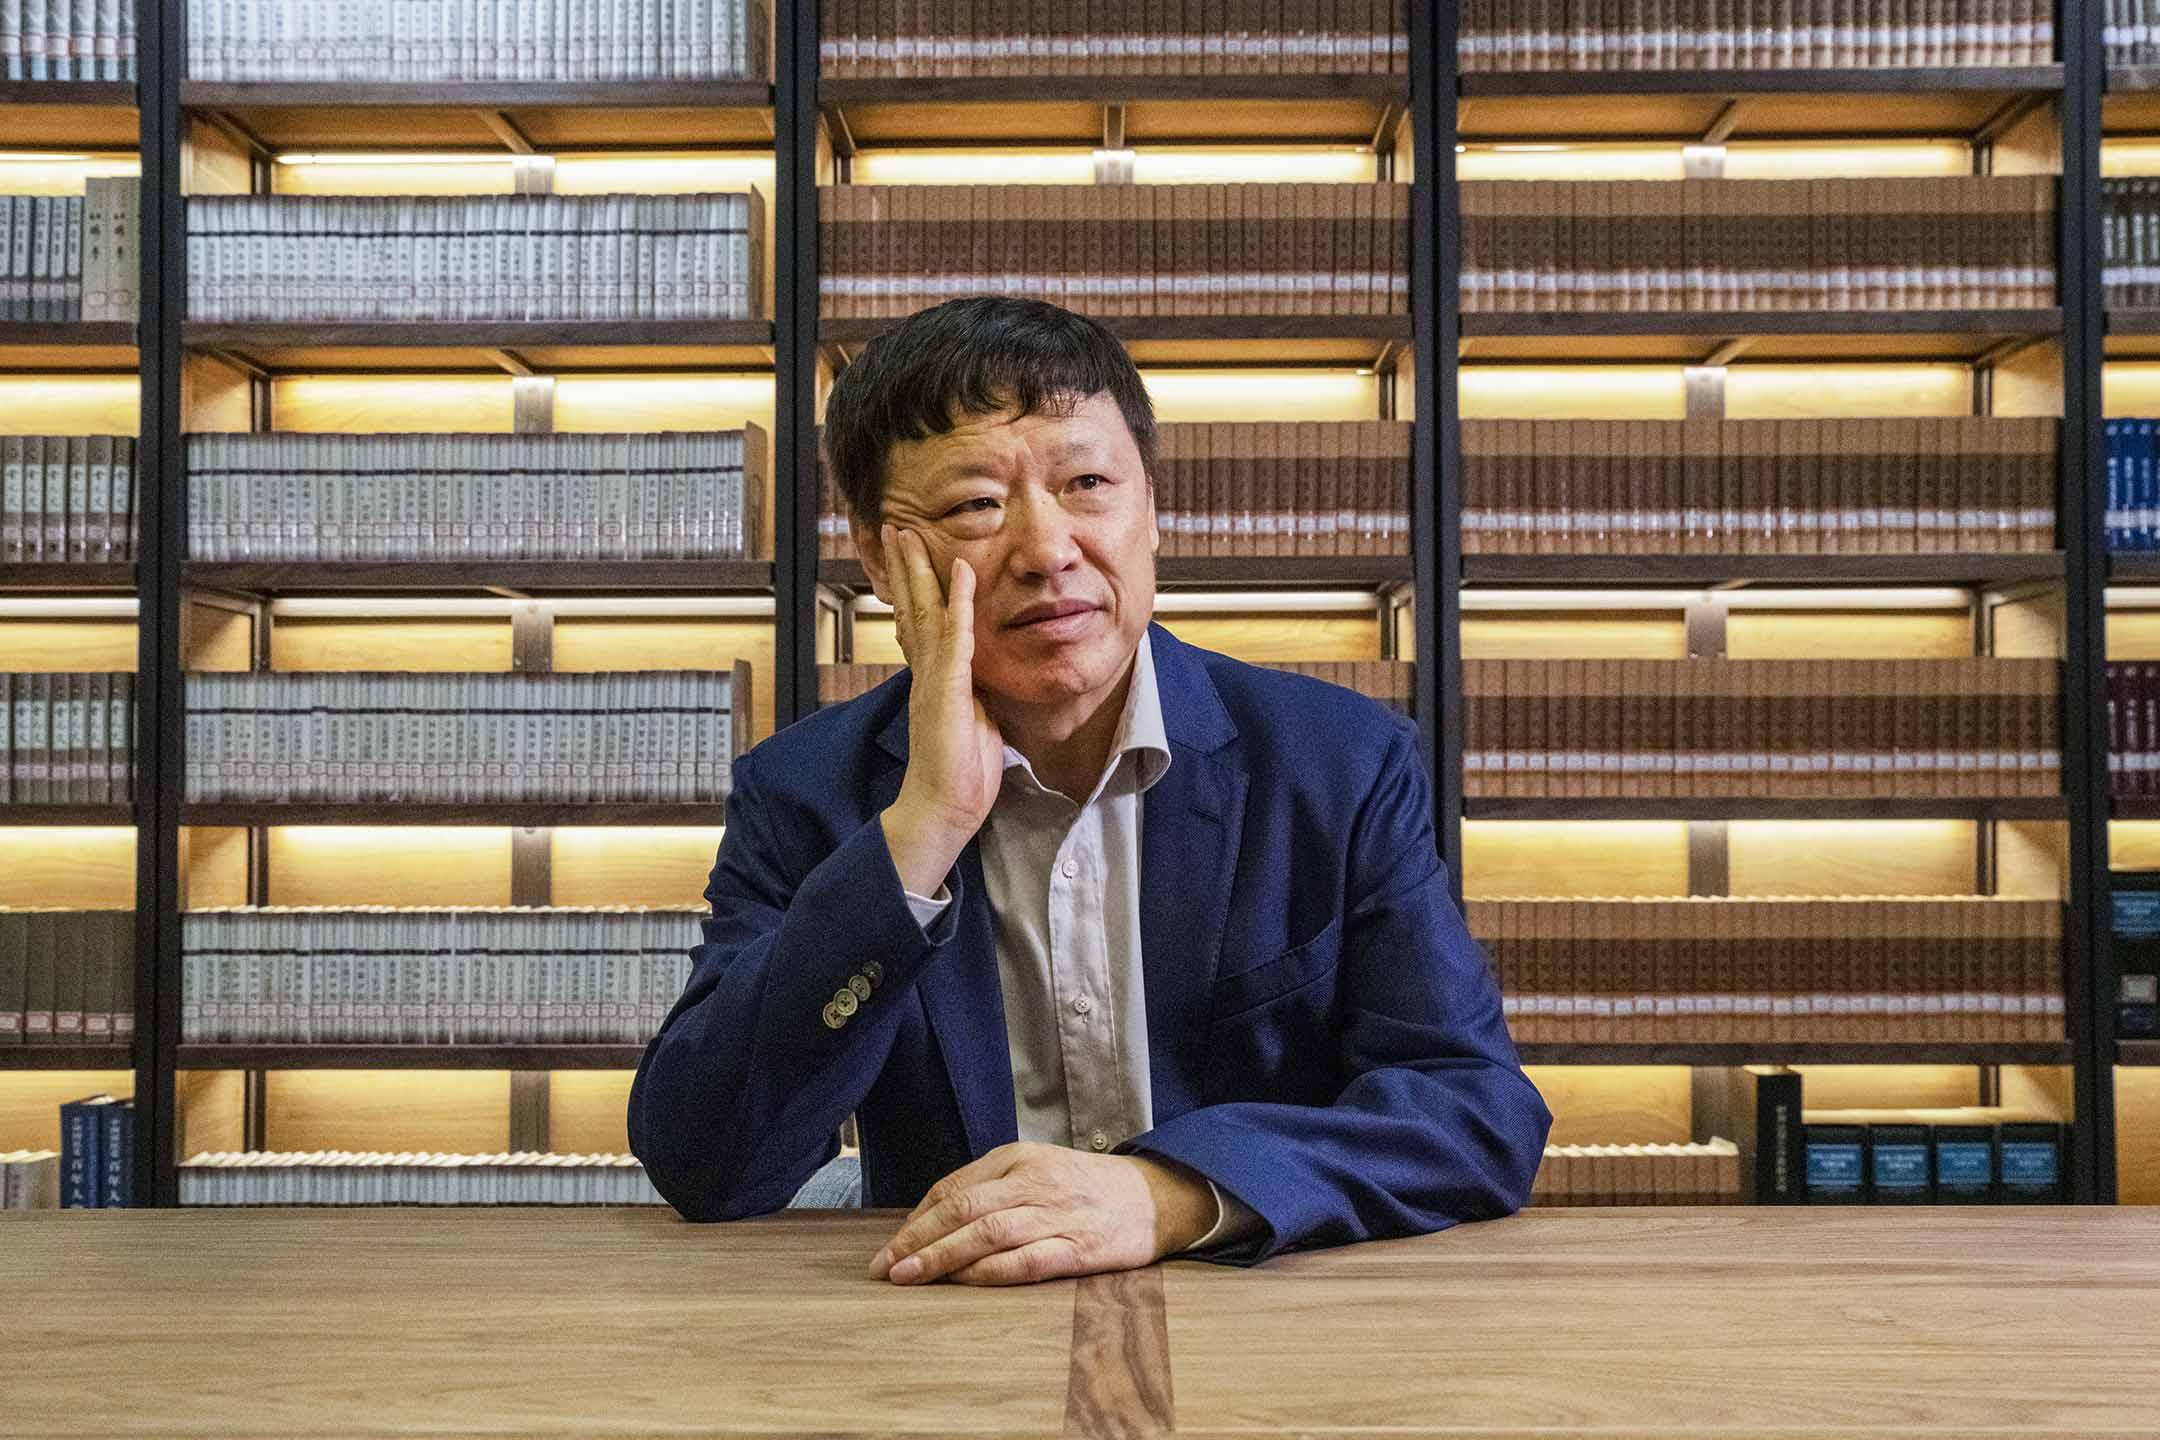 2019年6月5日中國北京,《環球時報》主編胡錫進。 攝:Chance Chan/Reuters/達志影像